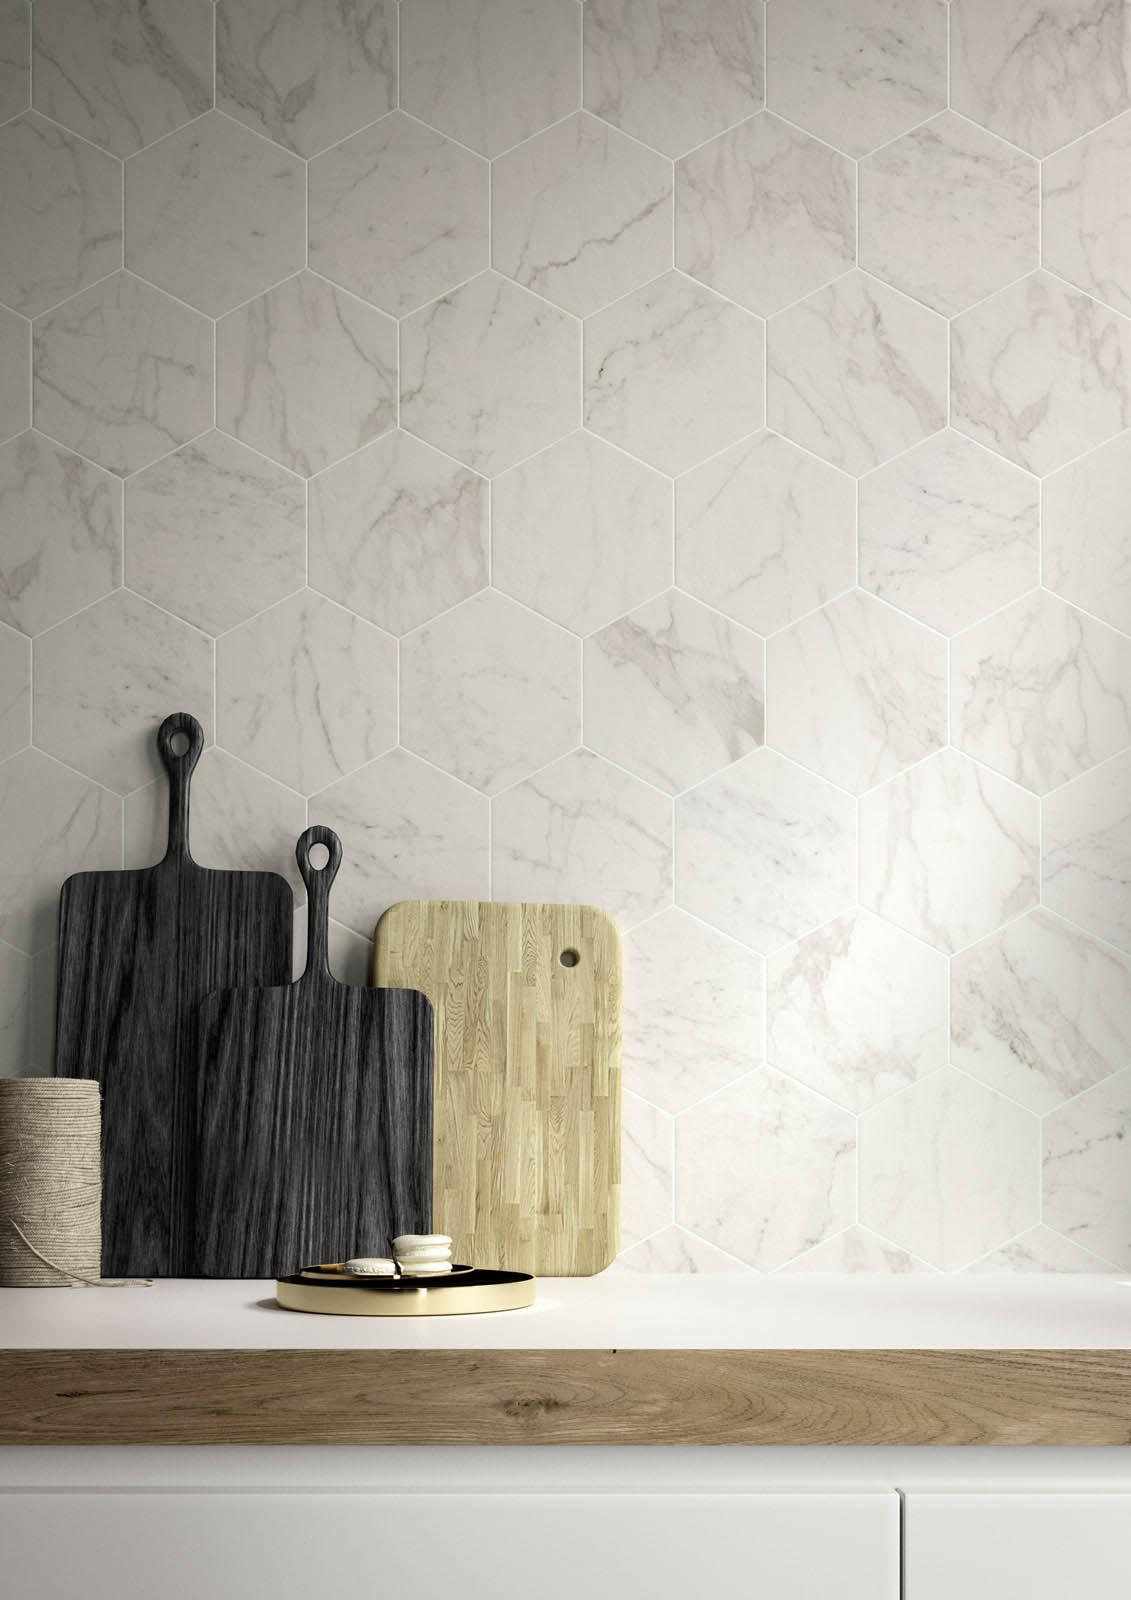 4BildCasa: Come scegliere le piastrelle in cucina? ecco le idee